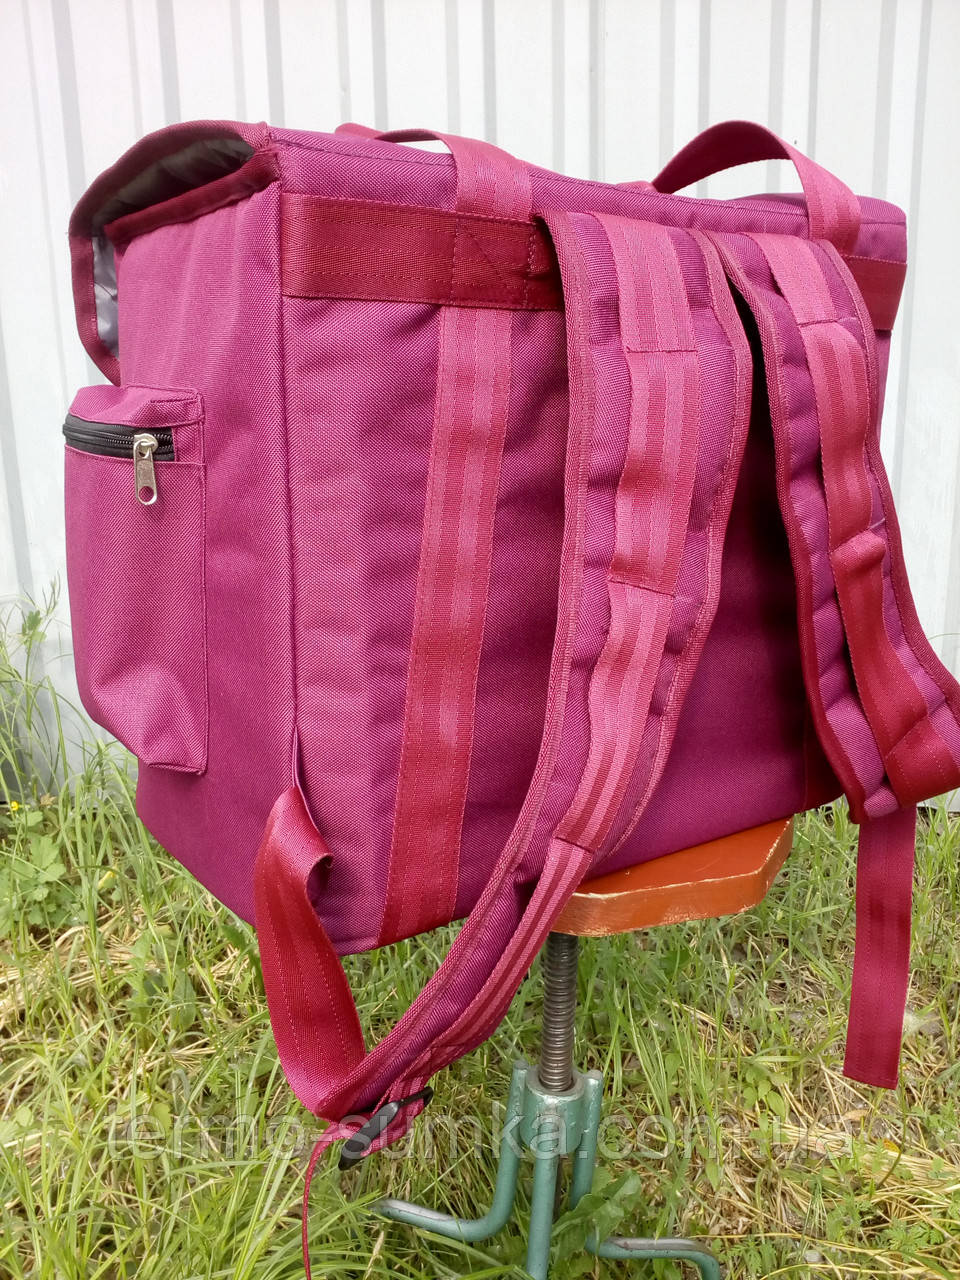 Термосумка - рюкзак Dolphin середніх розмірів для кур'єрської доставки їжі, обідів, напоїв. На липучках.